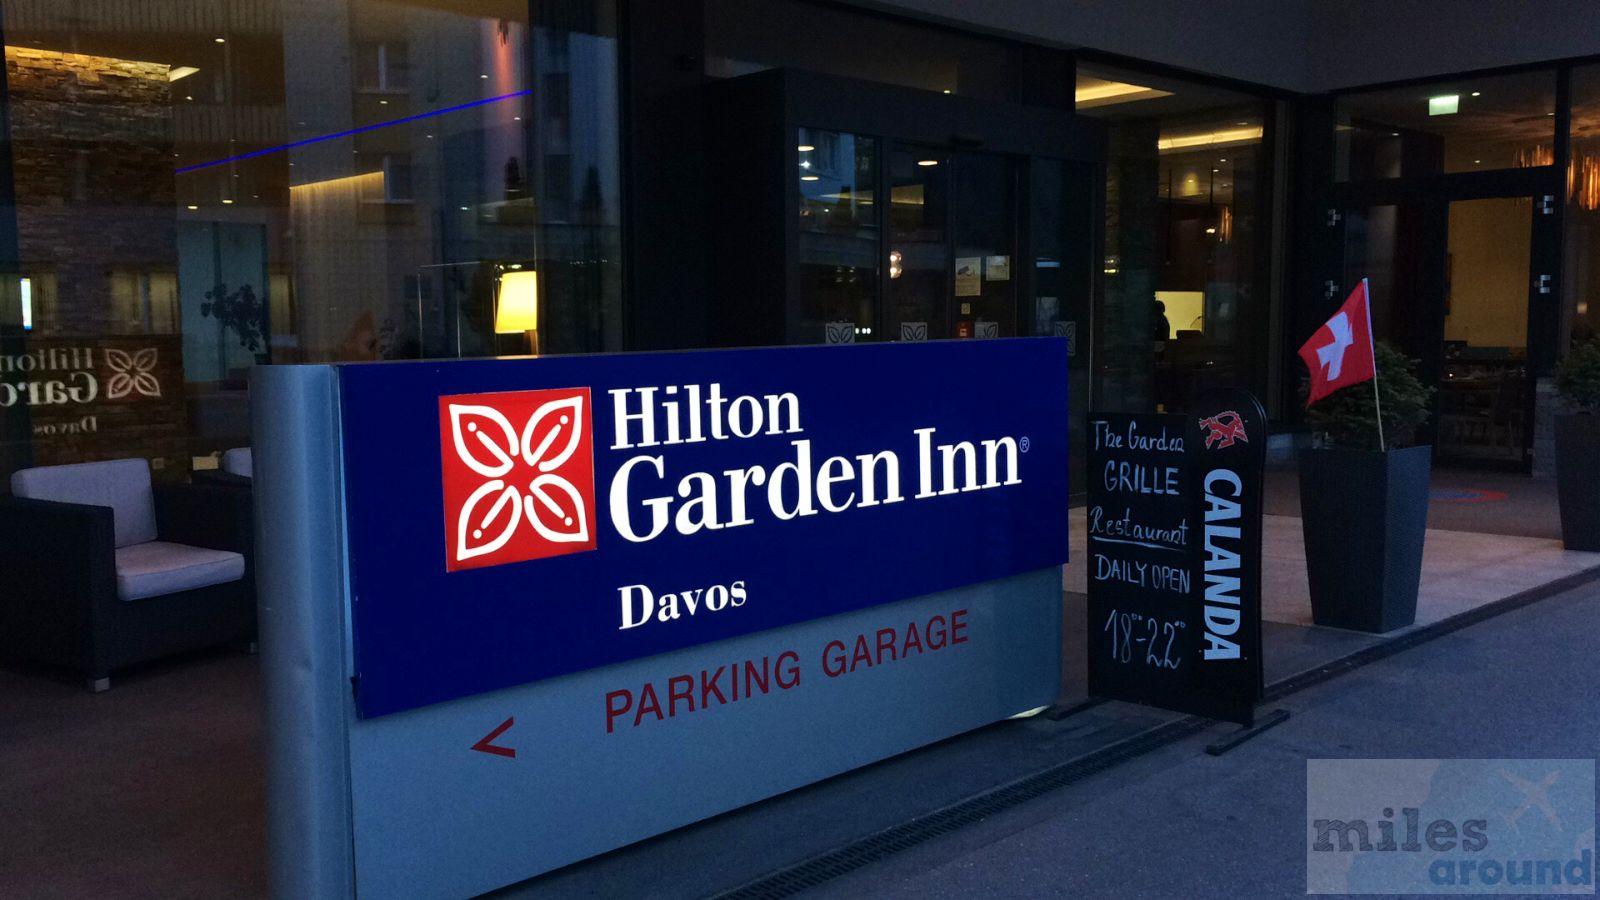 Hilton Garden Inn Davos Hotel bewertung, Luxushotel und